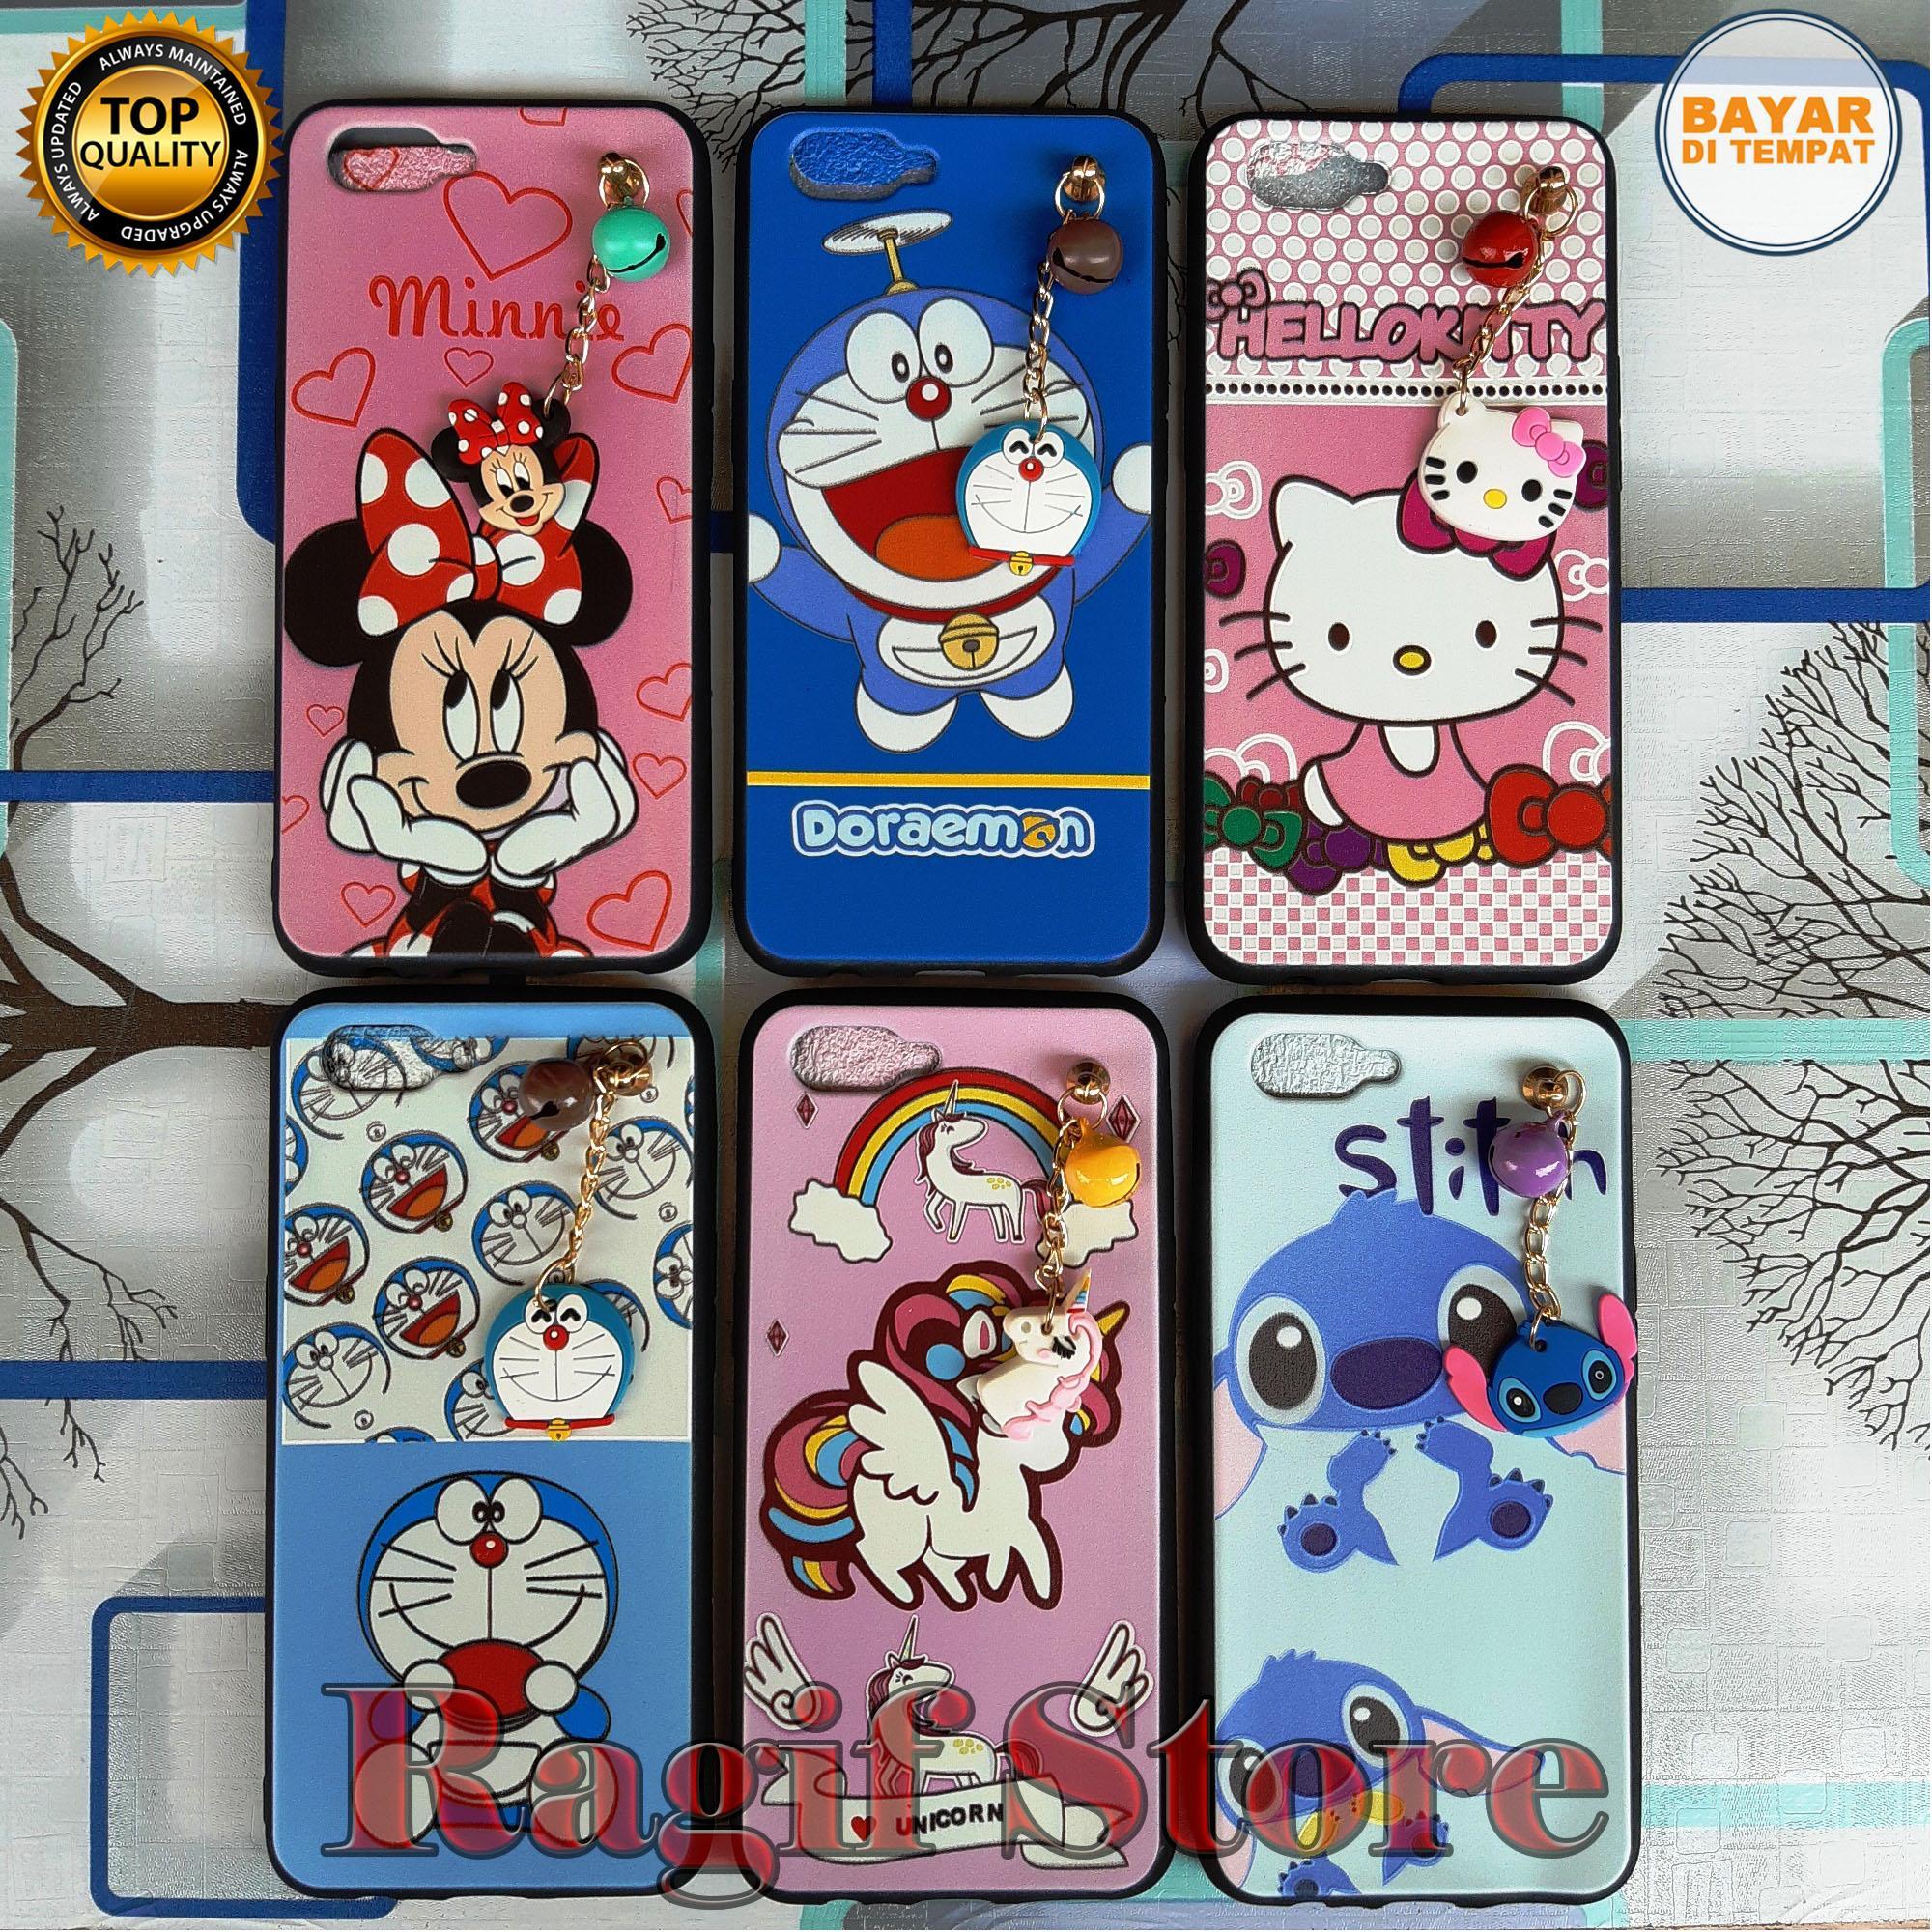 Case/Mika Gantungan Lonceng Plus Boneka Casing/Softcase Realme C2/Oppo A1K Motif Karakter